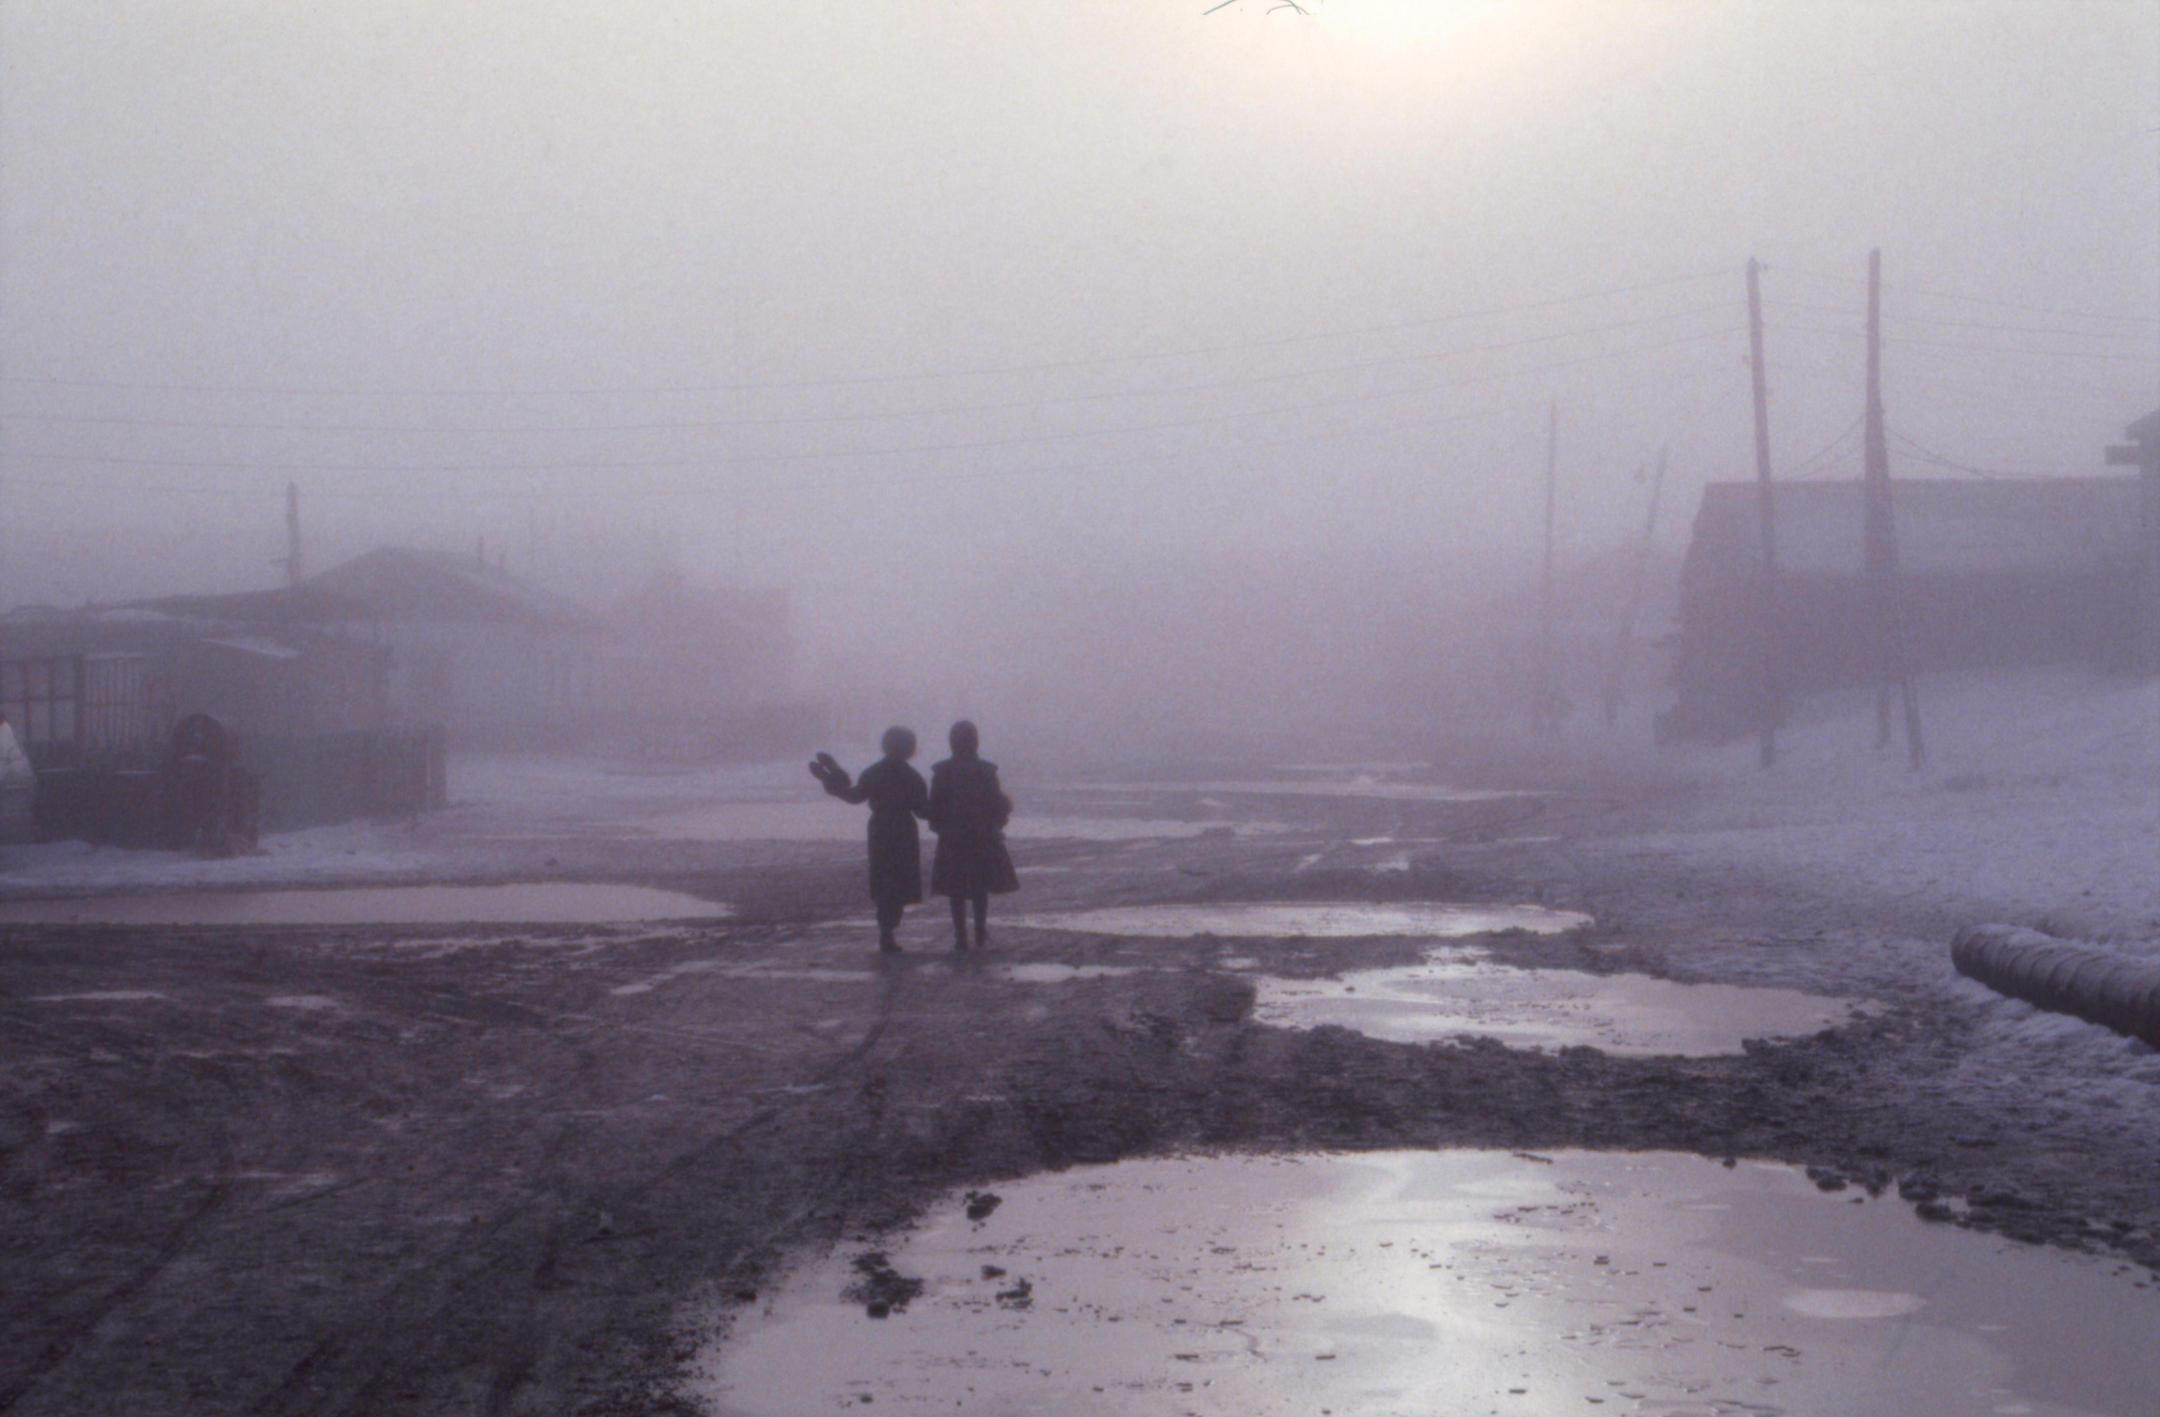 Dégel dans un village du Grand nord sibérien